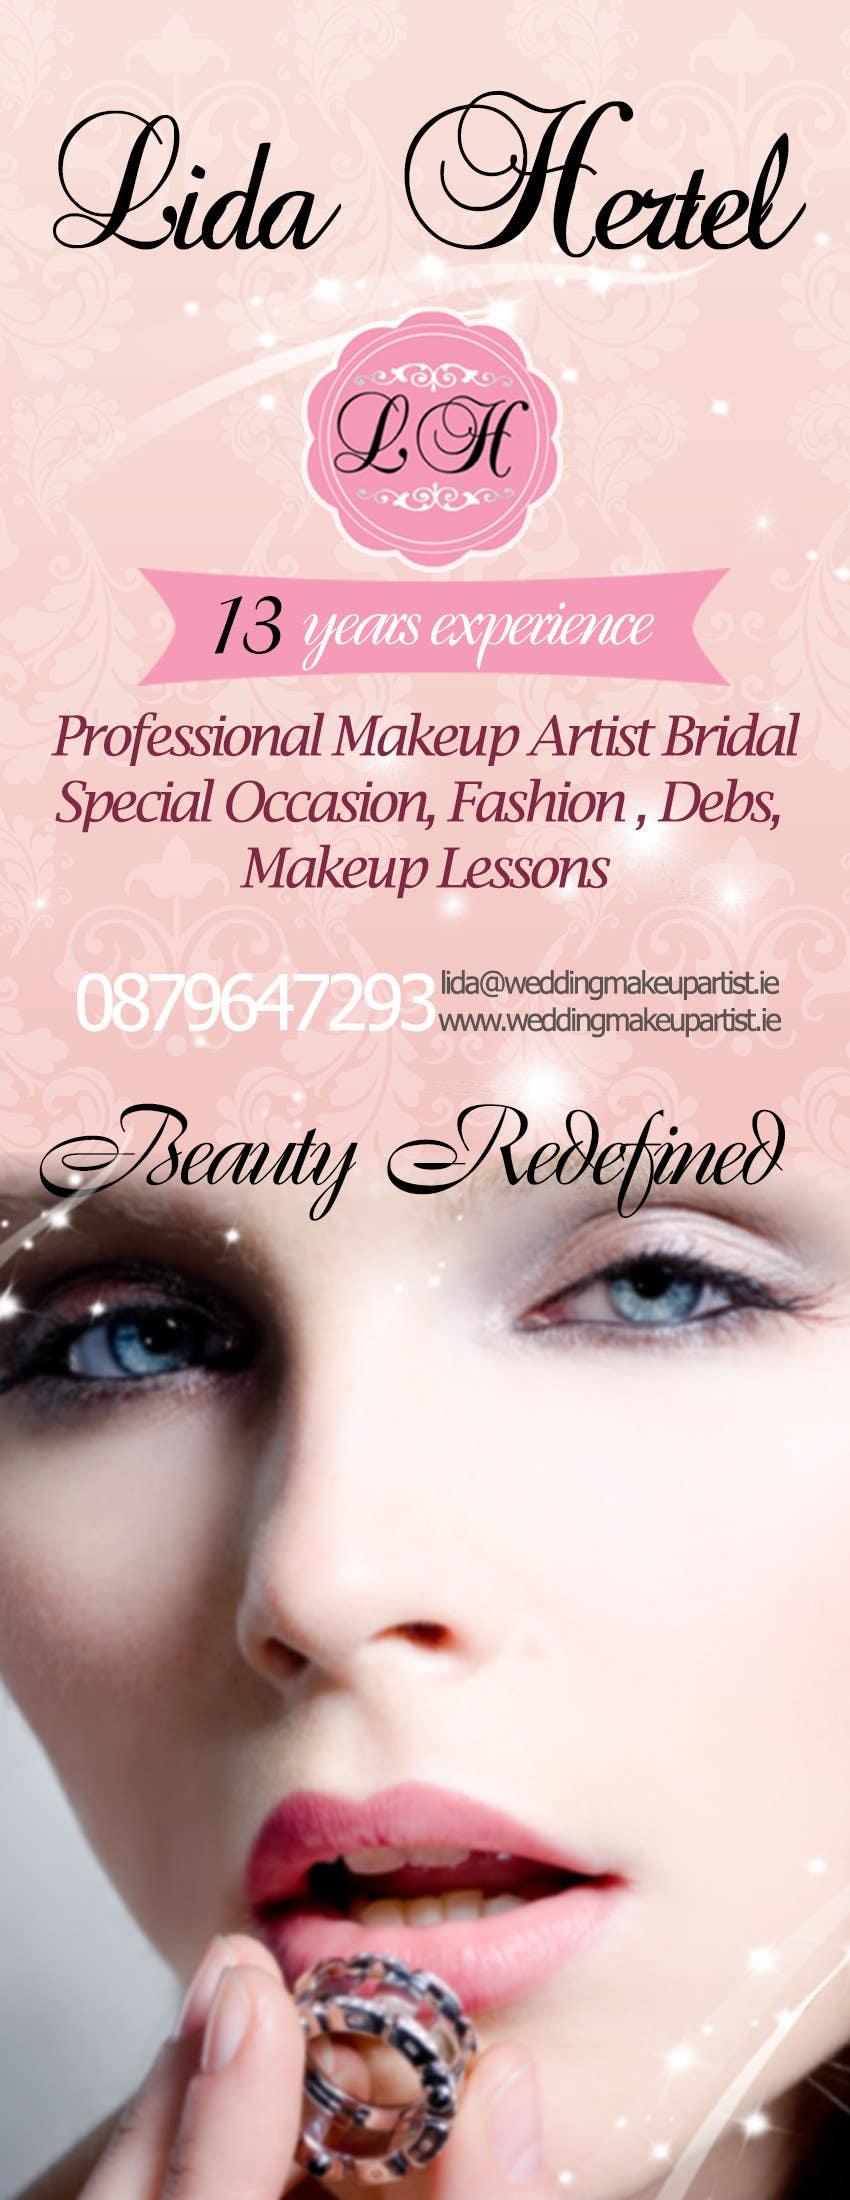 Penyertaan Peraduan #                                        20                                      untuk                                         Design a Pull-Up Banner for Makeup Artist